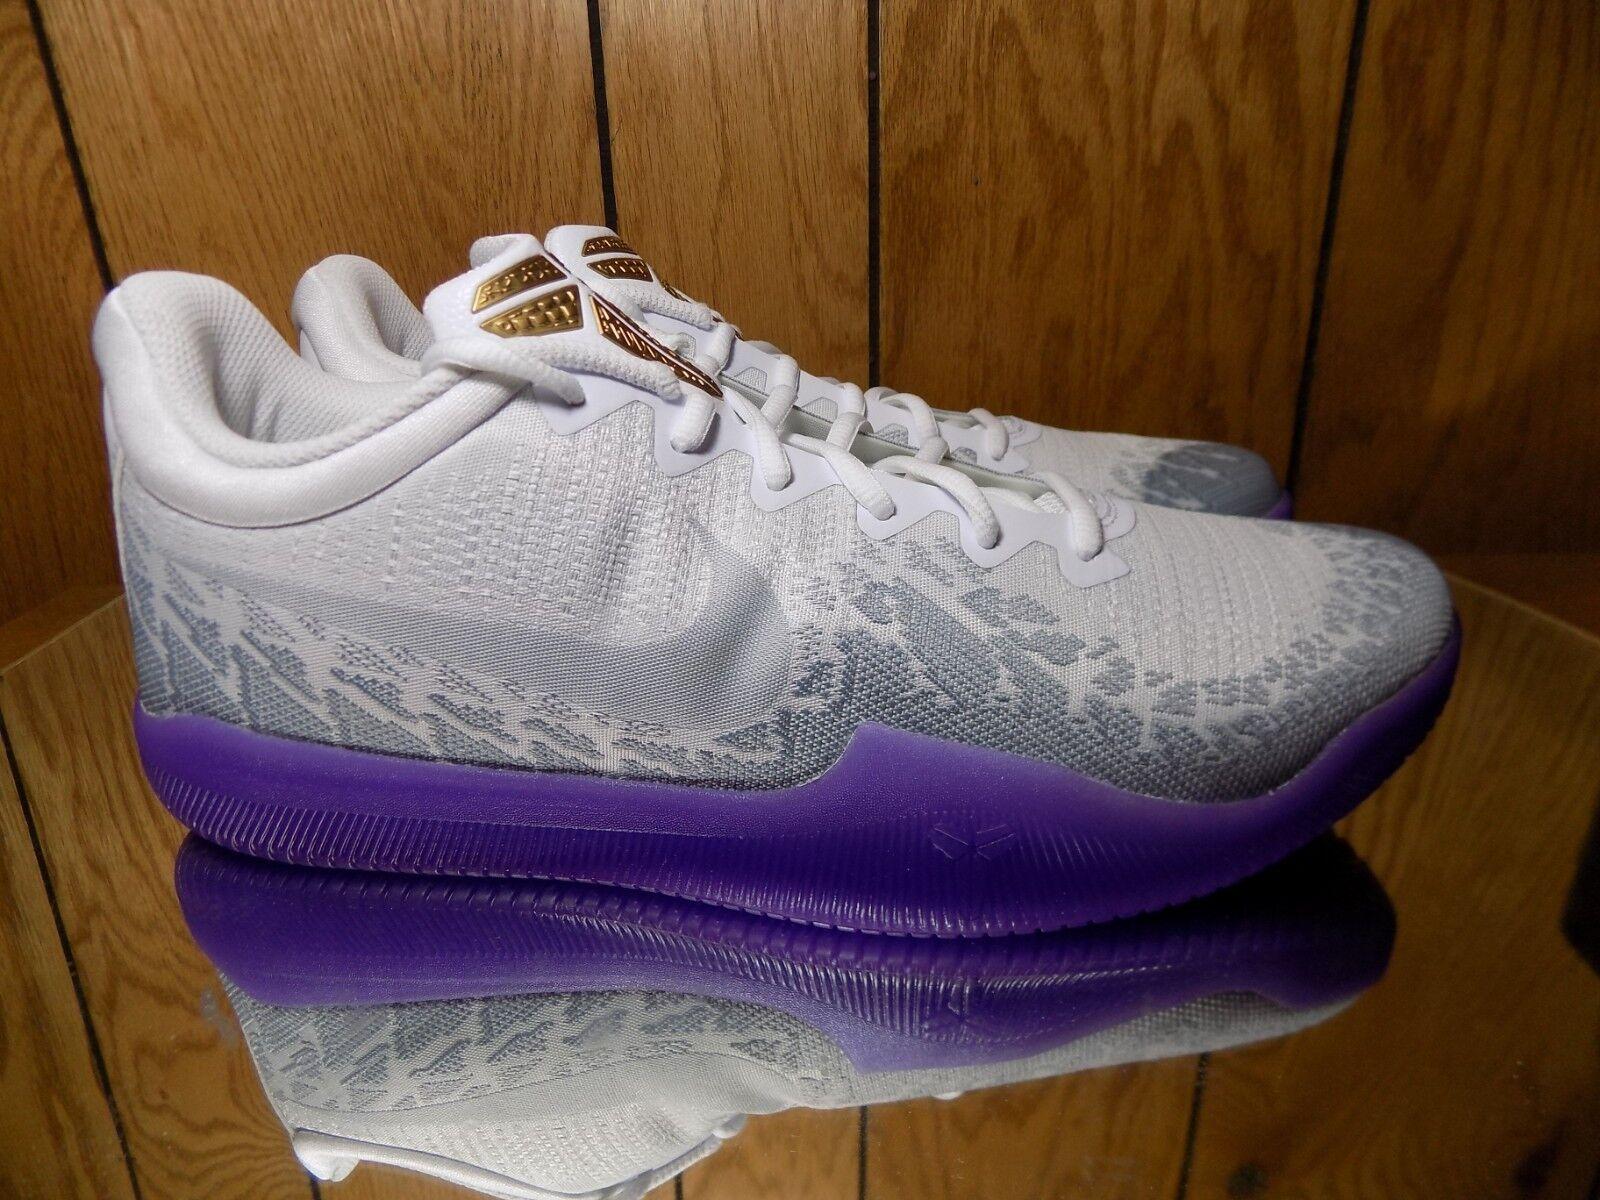 NIKE Mamba Rage Mens 908972-124 s 12 Purple White